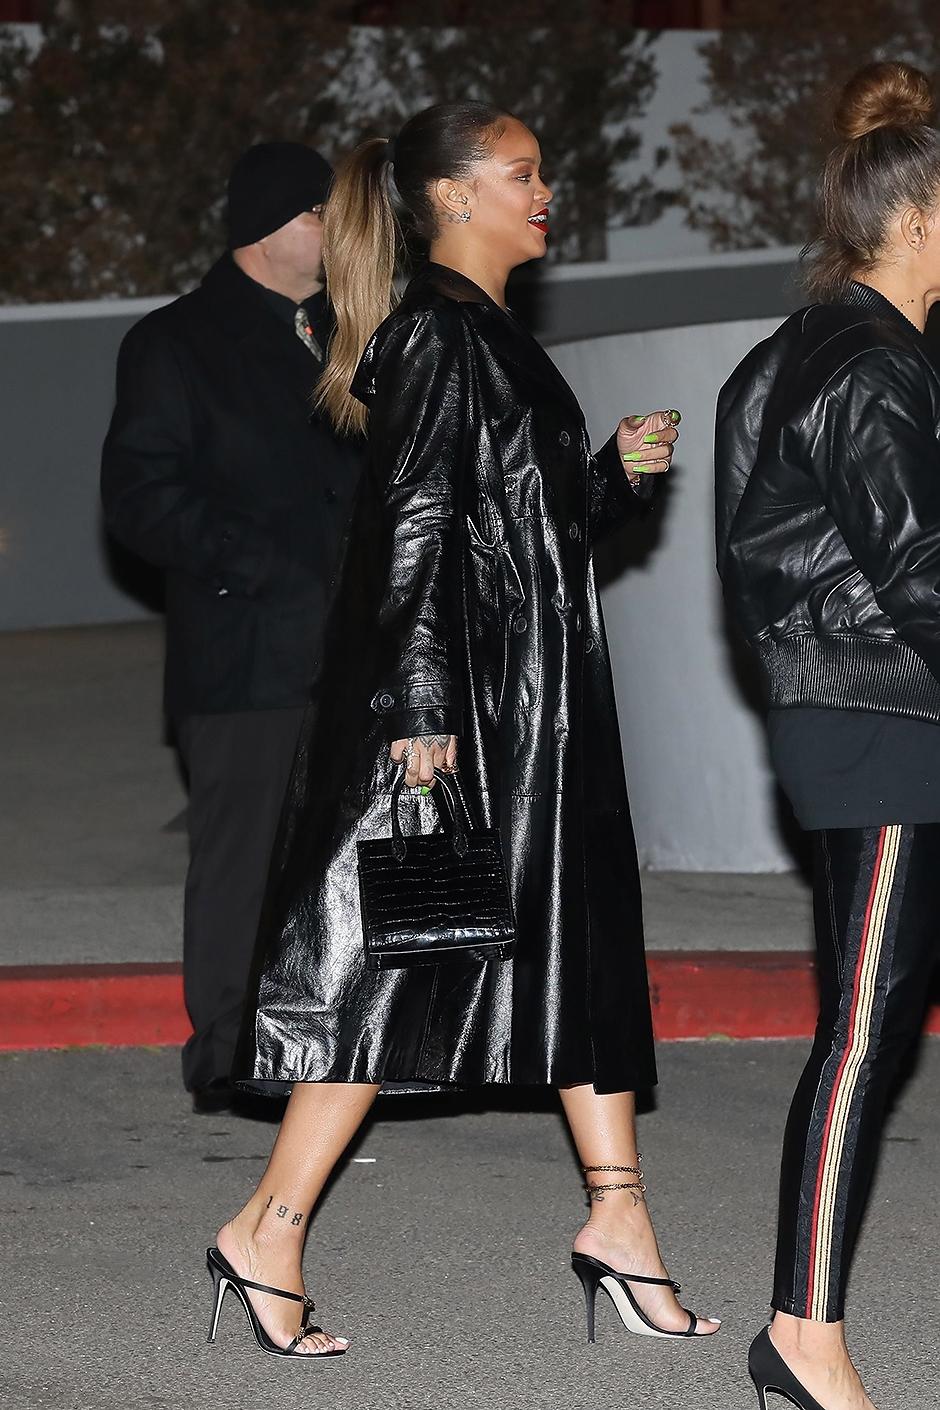 Новый секси-образ Рианны: алая помада и черные кожаные одежды